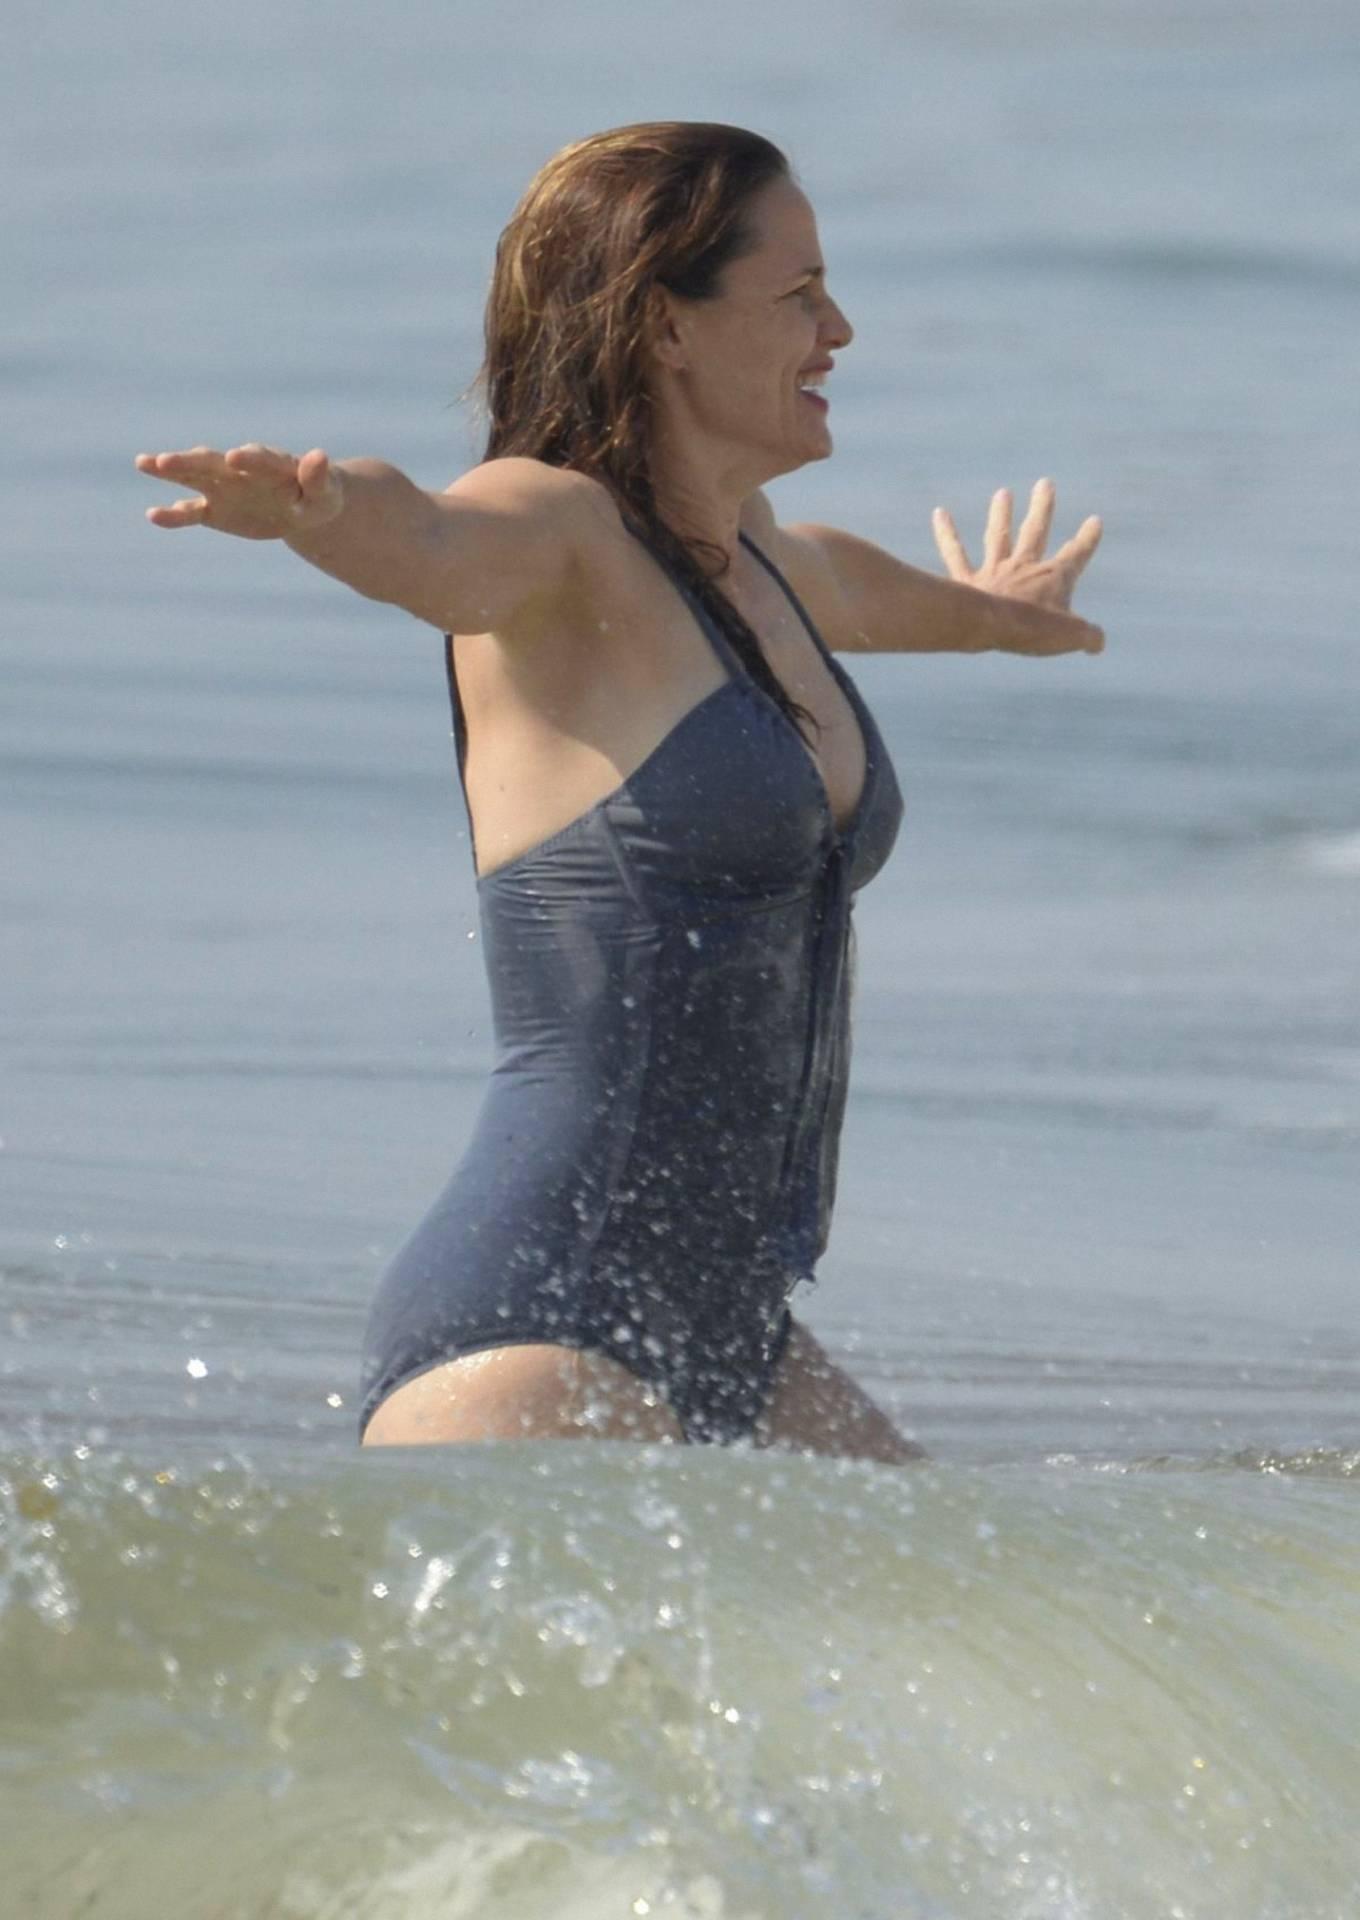 Jennifer Garner - Swimsuit candids at the beach in Malibu